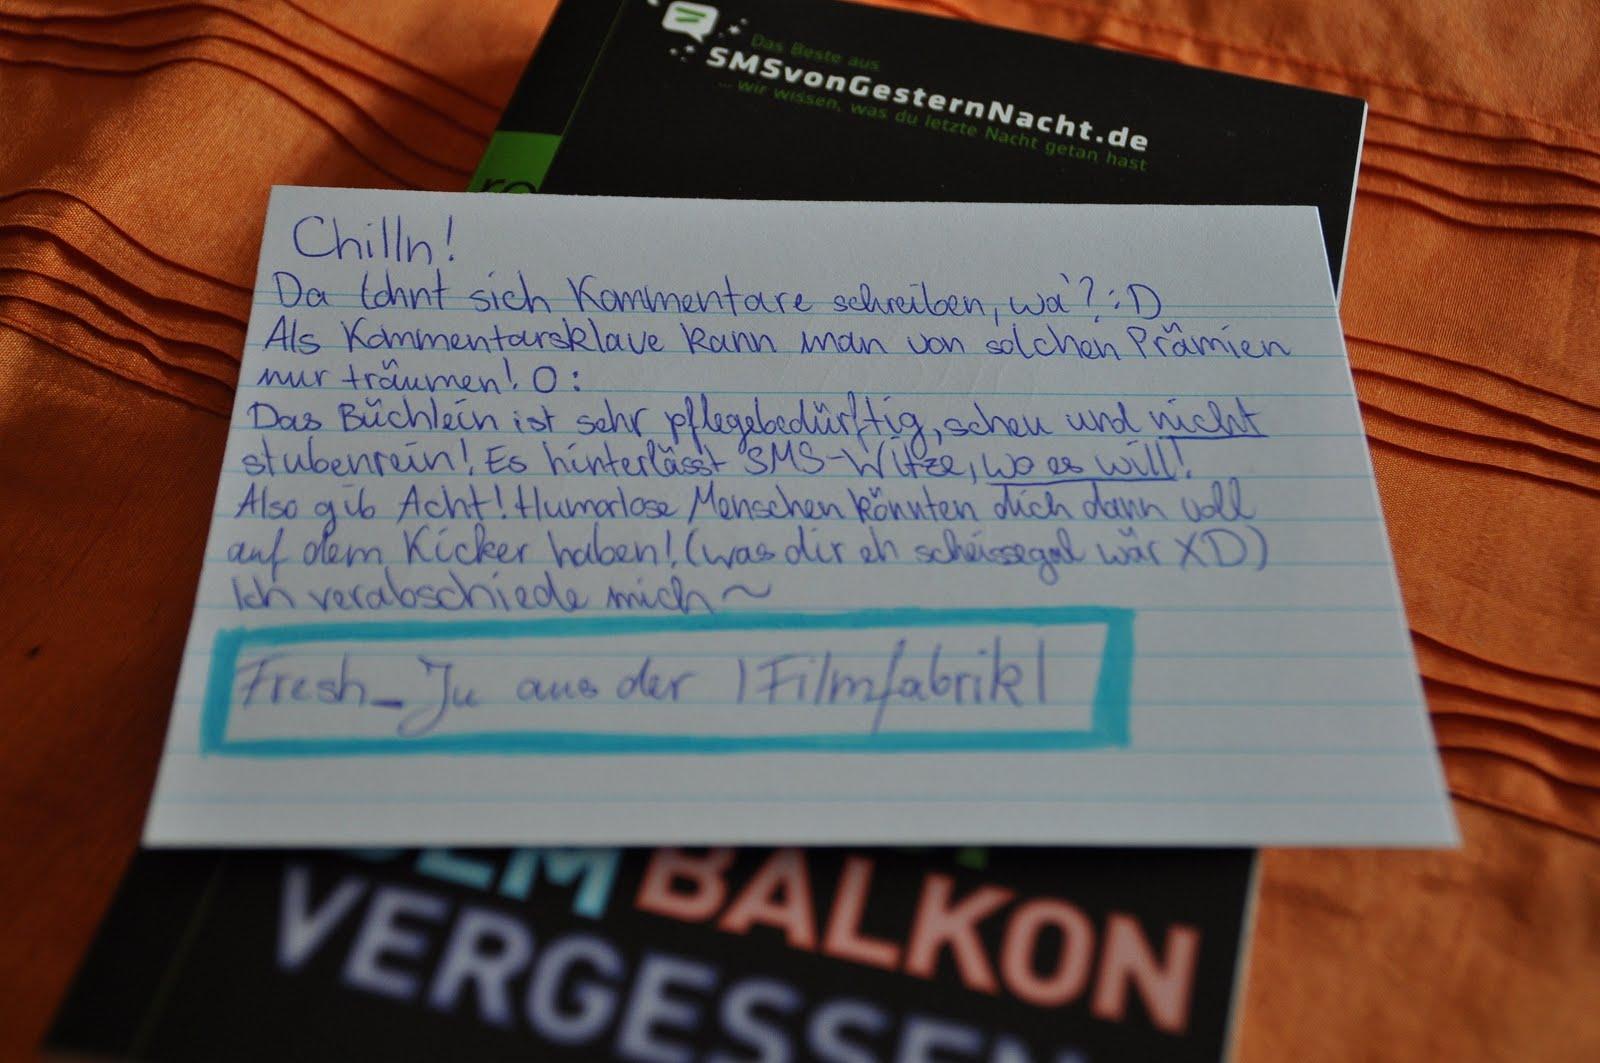 Gl ckw nsche lustig sms - Silvesterwa nsche sms lustig ...